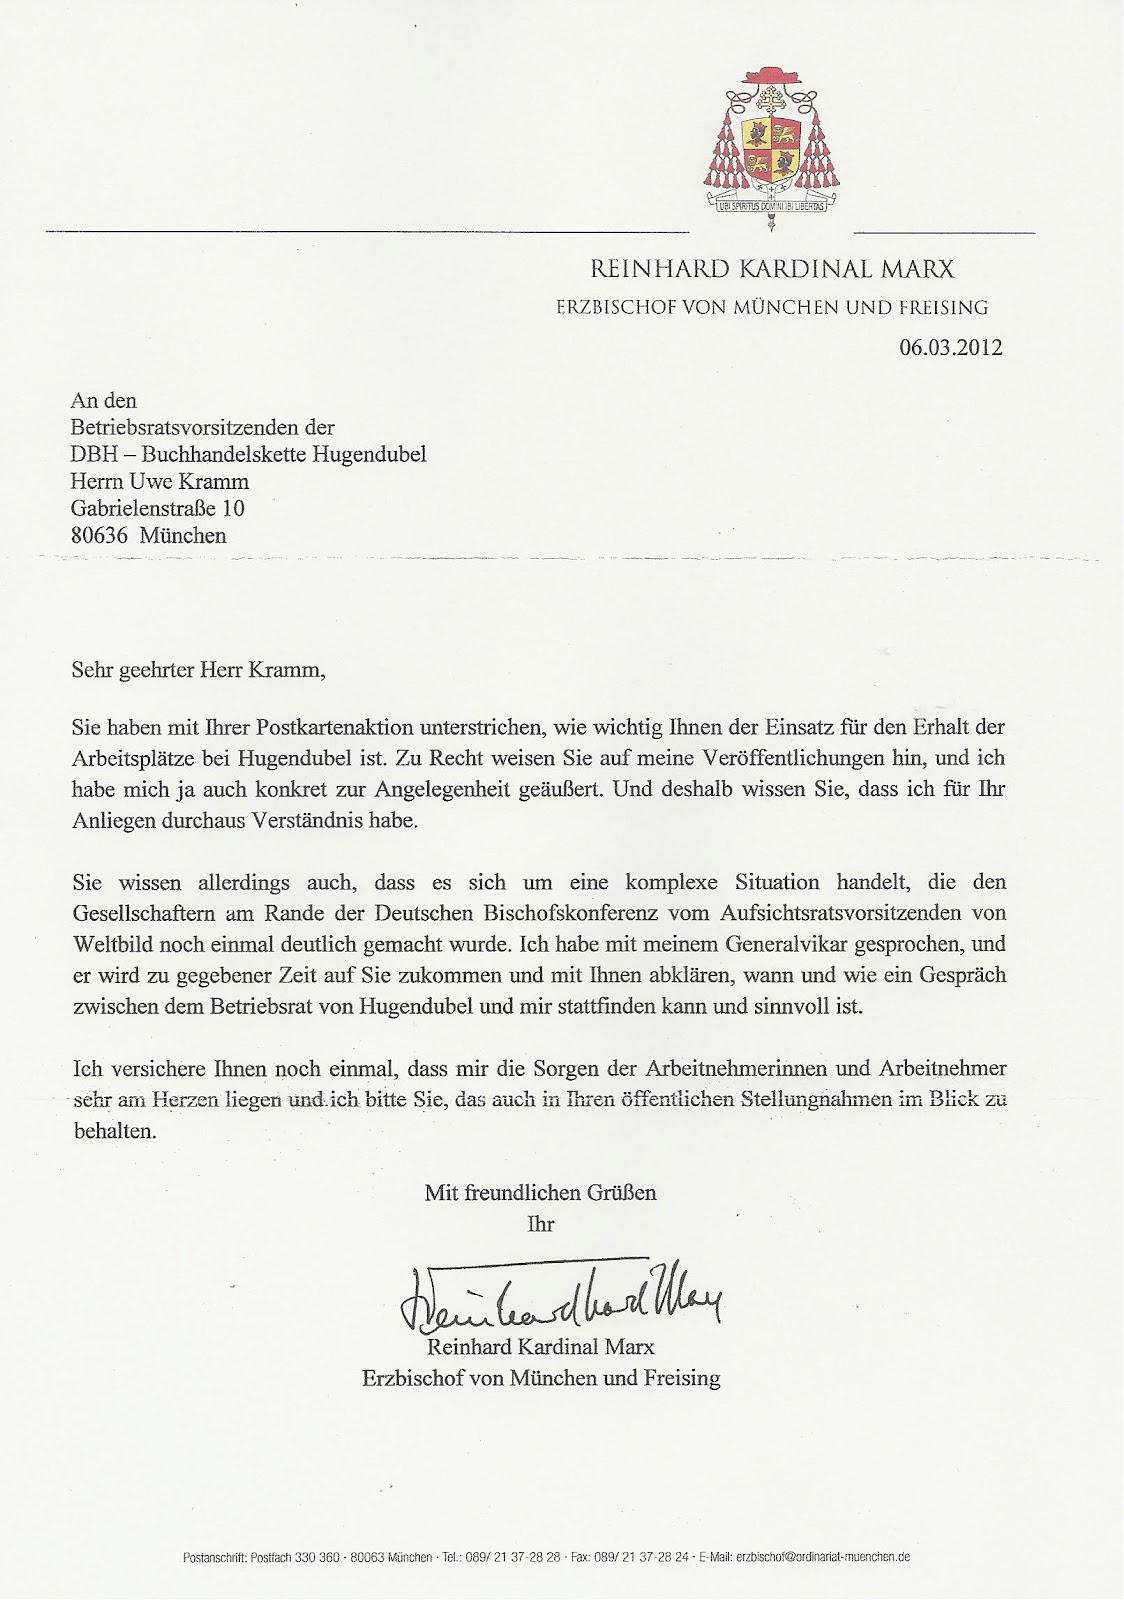 Hugendubel Verdi Infoblog: März 2012